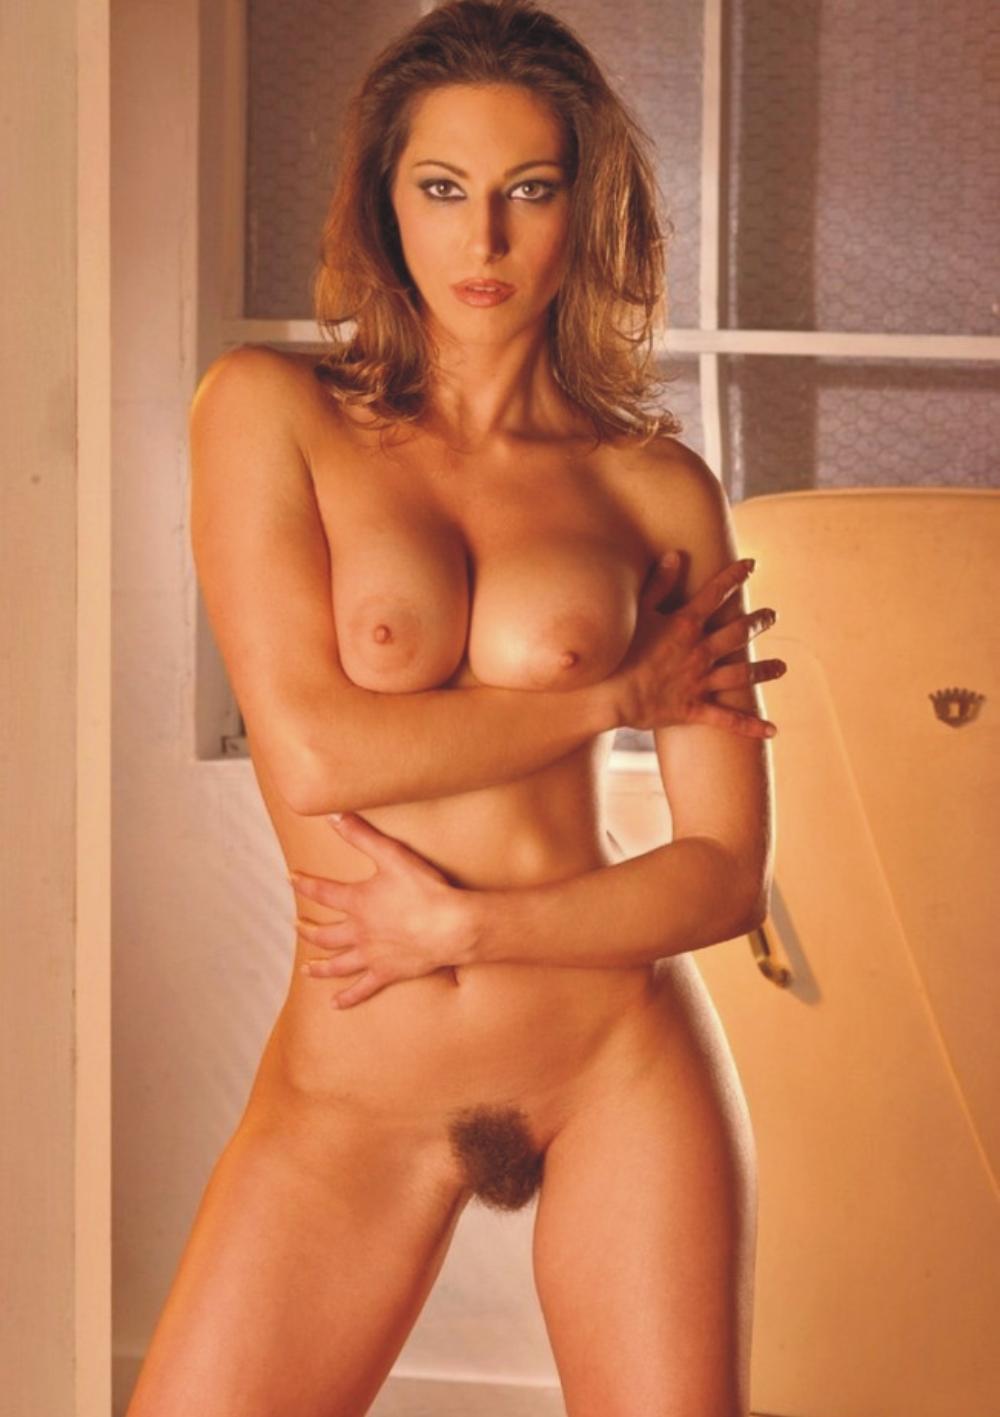 Фото голых волосатых баб знаменитостей россии, россия ретро порно видео